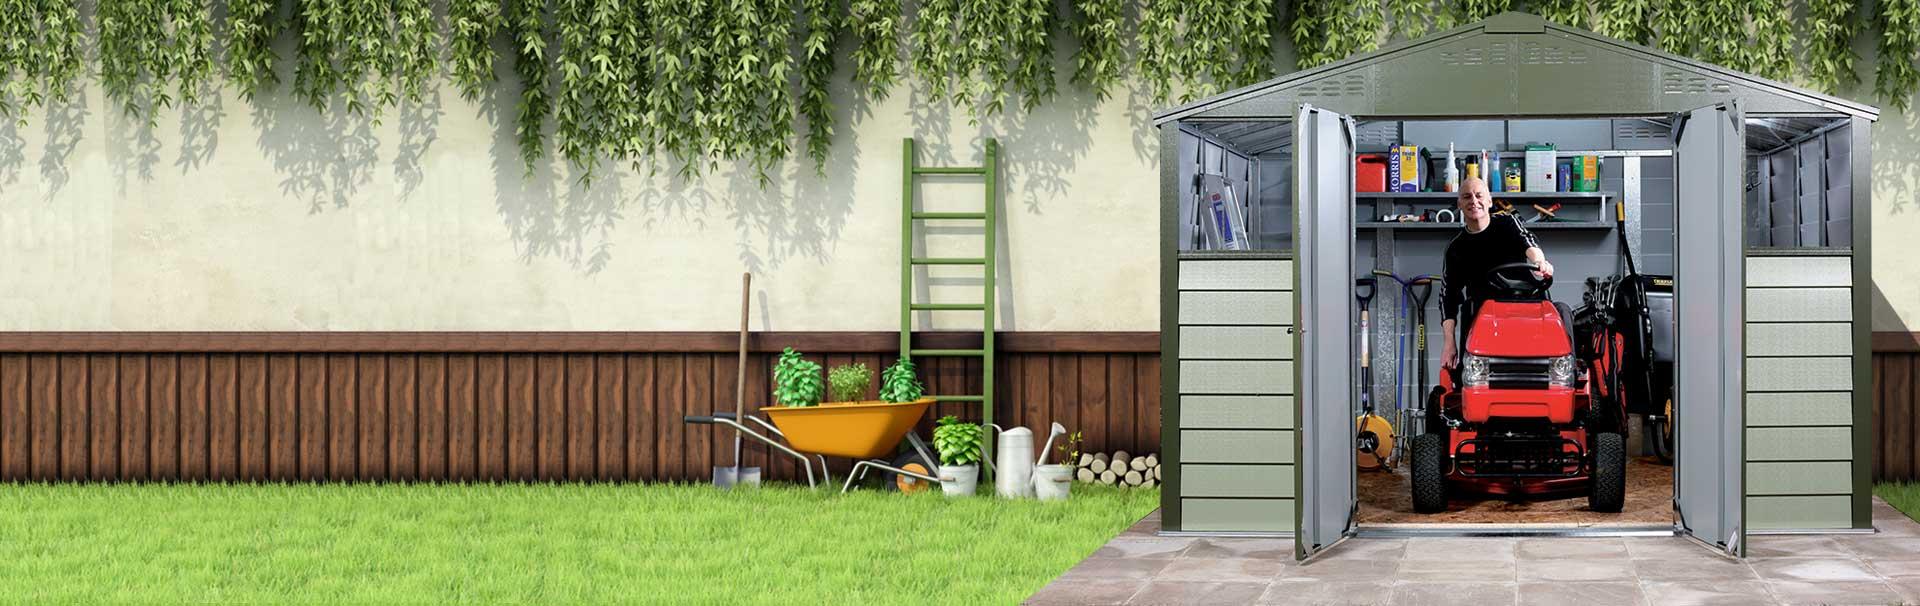 Box per biciclette e moto casette e rimessa da giardino spazio verde - Box bici da giardino ...